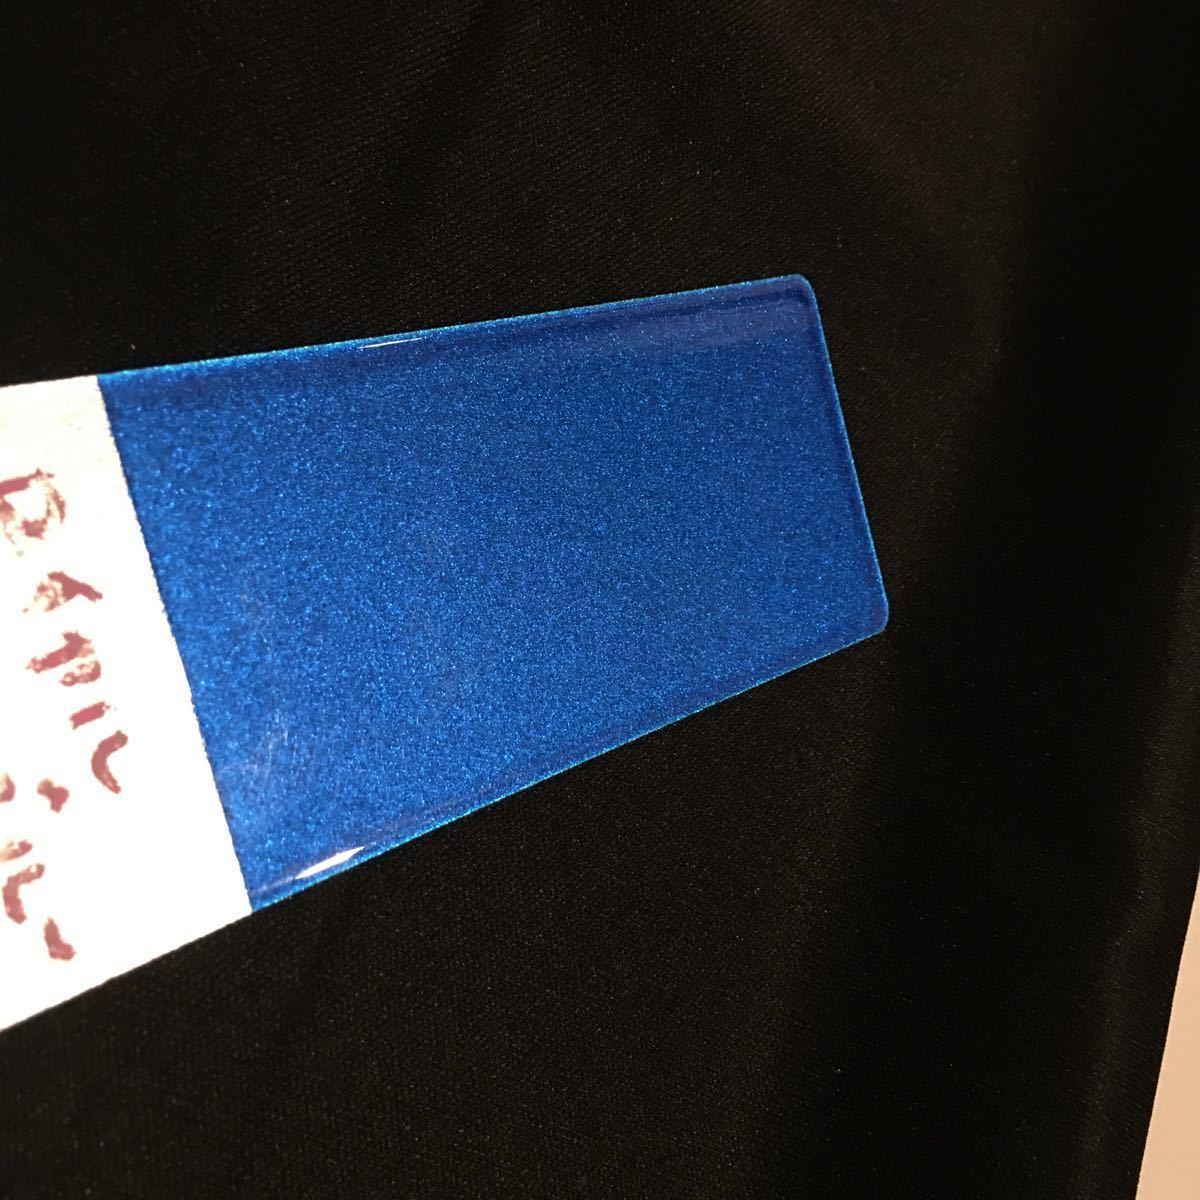 在庫処分★KMキャンディー ロイヤルブルー★耐候性がよく色褪せない 顔料タイプ キャンディー カスタムペイント フレーク ラメ 塗装_画像5